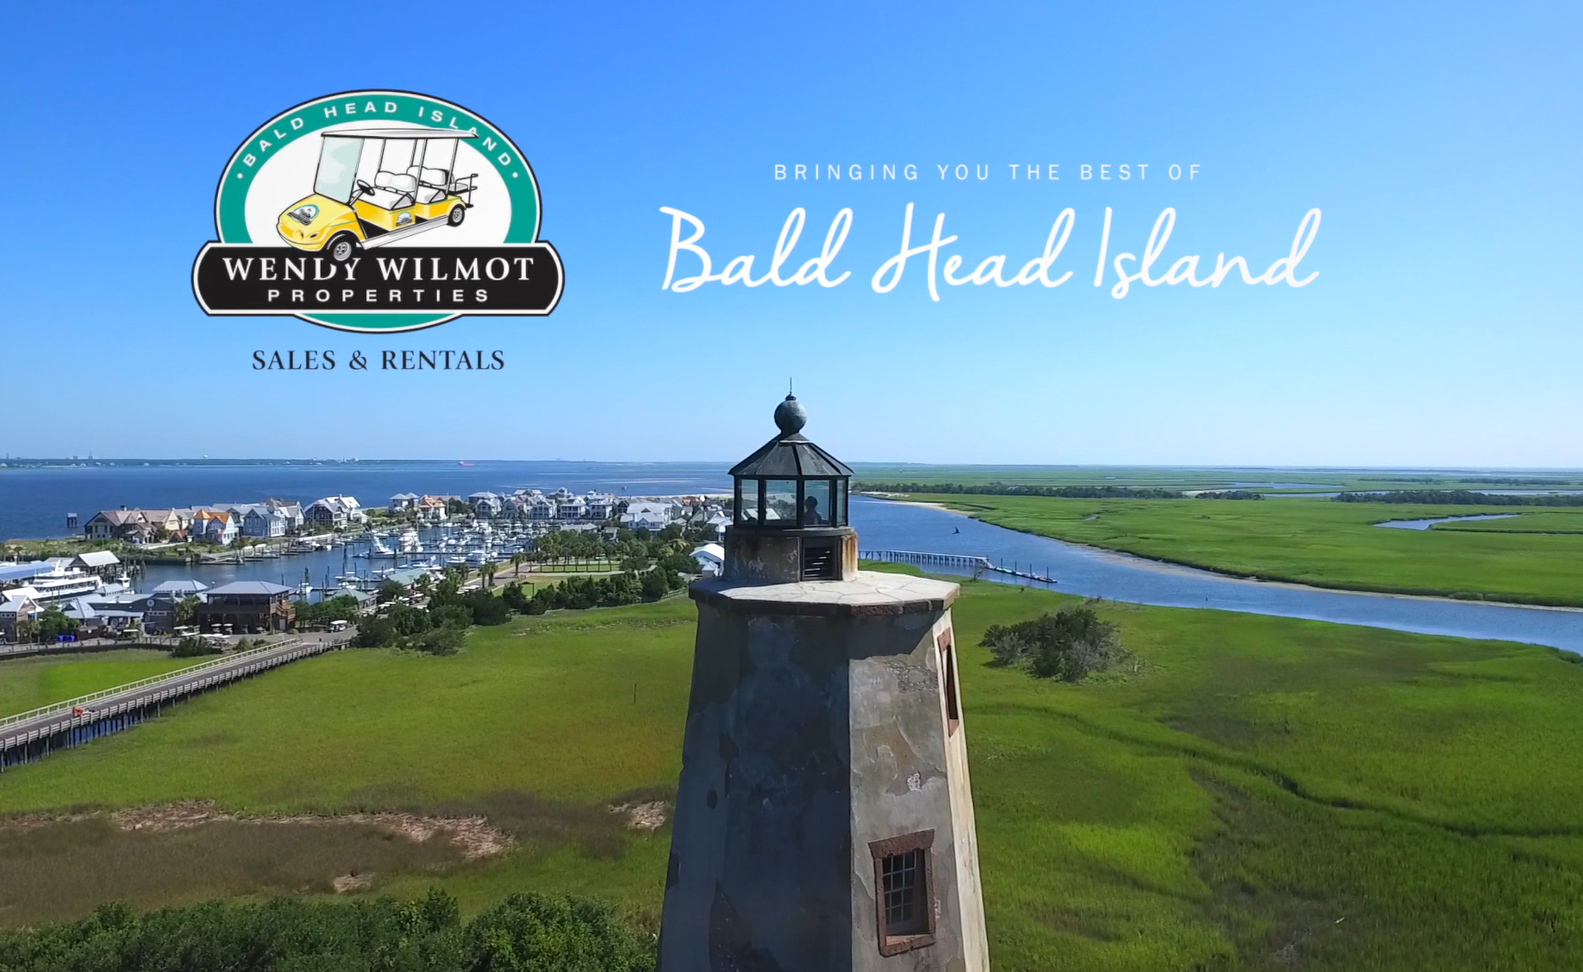 Wendy Wilmot Bald Head Island Rentals